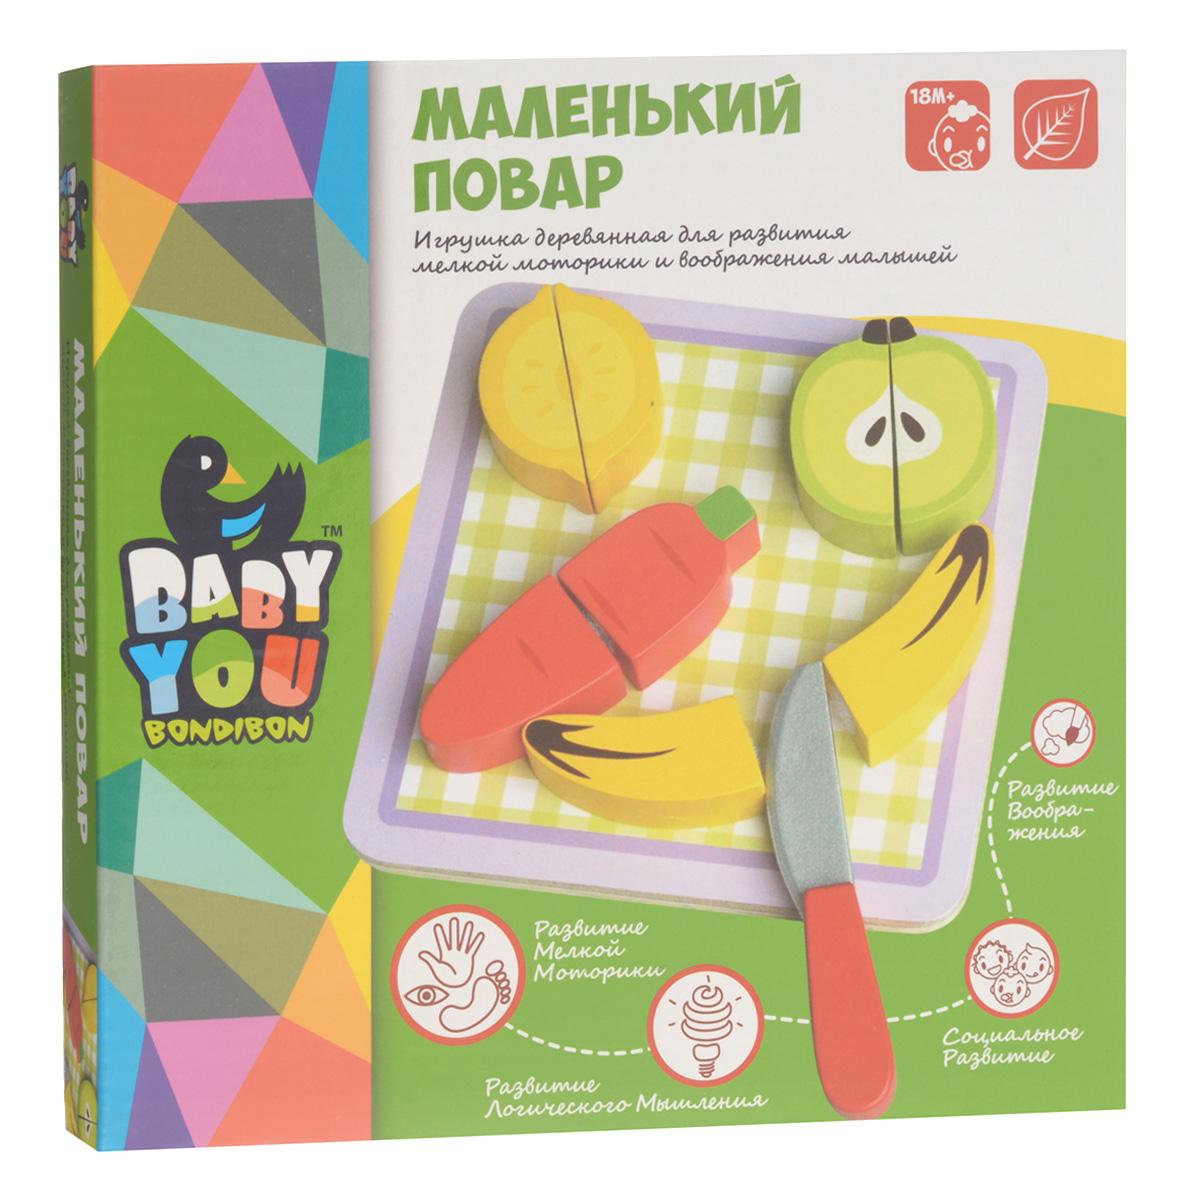 """Игровой набор Bondibon """"Маленький повар"""" - набор овощей и фруктов, предназначенный для сюжетно-ролевой игры. Половинки овощей и фруктов легко соединяются на """"липучках"""" и """"разрезаются"""" деревянным ножом. Мудрые родители выбирают для своих малышей игрушки, которые обучают малыша в процессе увлекательной игры, формируют его внутренний мир и не вредят здоровью. Деревянные развивающие игрушки, детали которых сделаны из различных пород дерева - клена, можжевельника, березы - это не просто яркий предмет, способный надолго увлечь ребенка, но и его первый учитель, рассказывающий о мире на интуитивно понятном крохе языке. Игрушка способствует развитию сенсомоторных навыков, творческого и логического мышления, речи и навыков общения, а также формирует элементарные математические представления."""